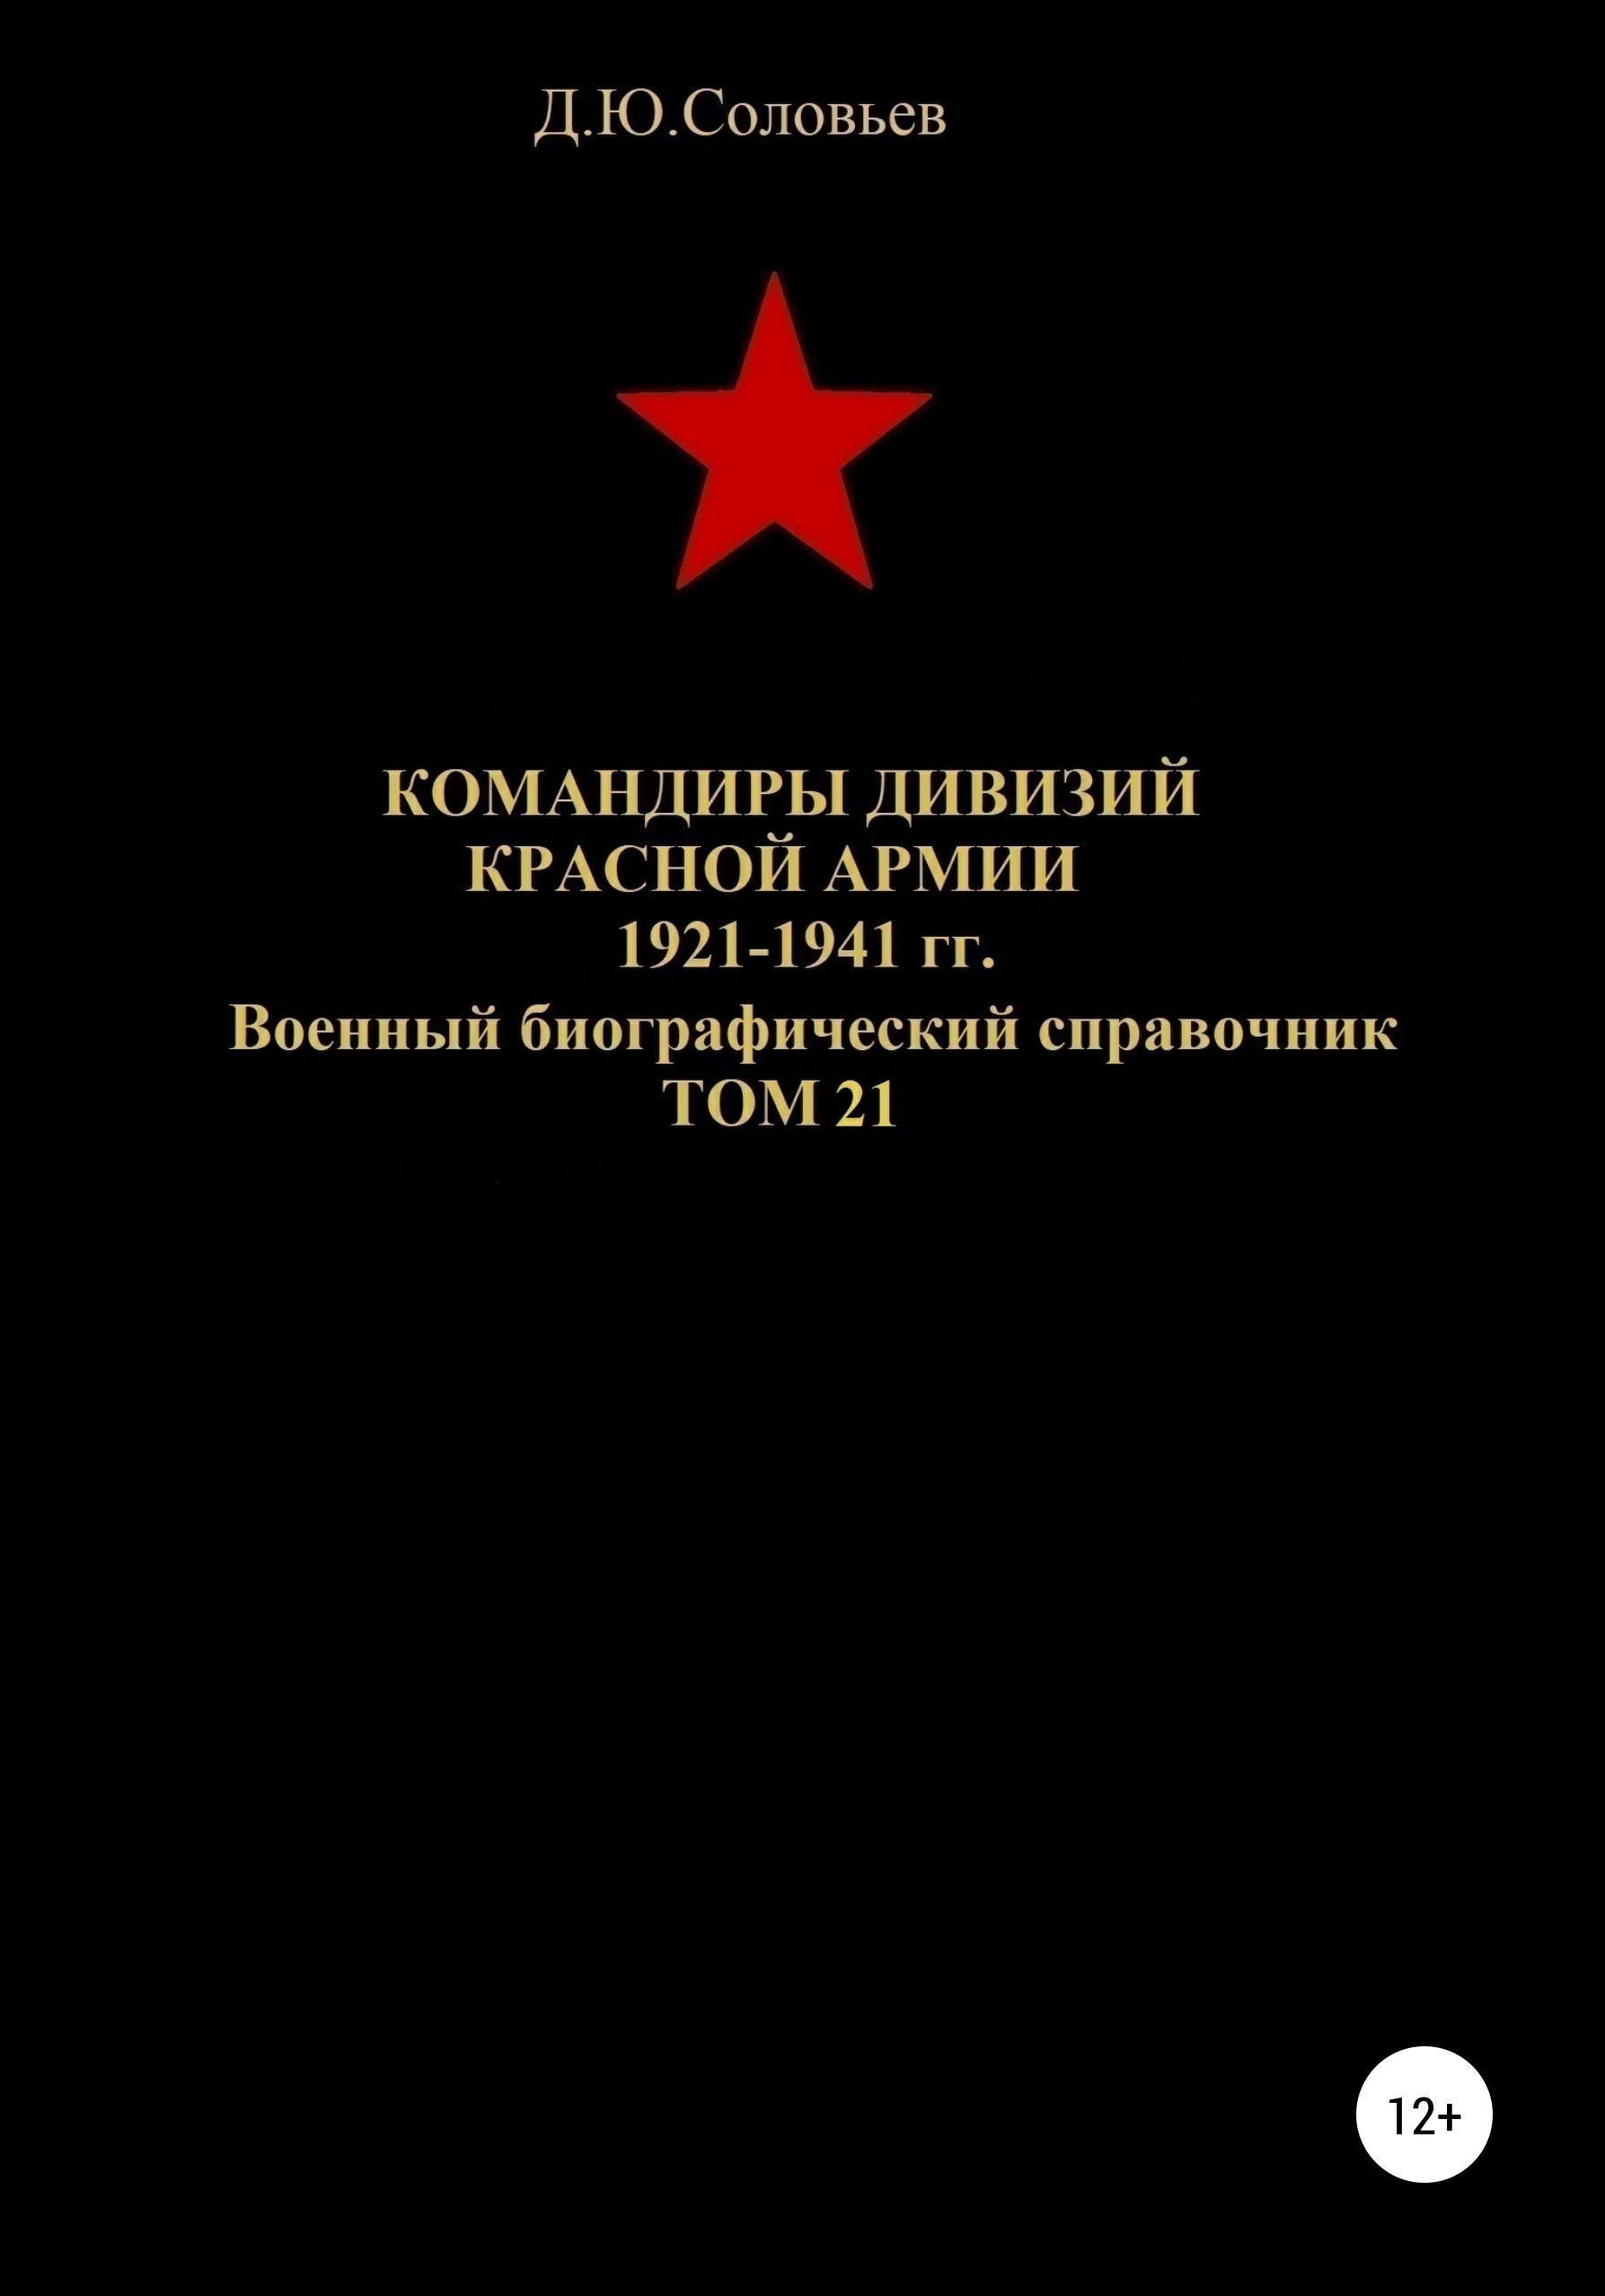 Командиры дивизий Красной Армии 1921-1941 гг. Том 21